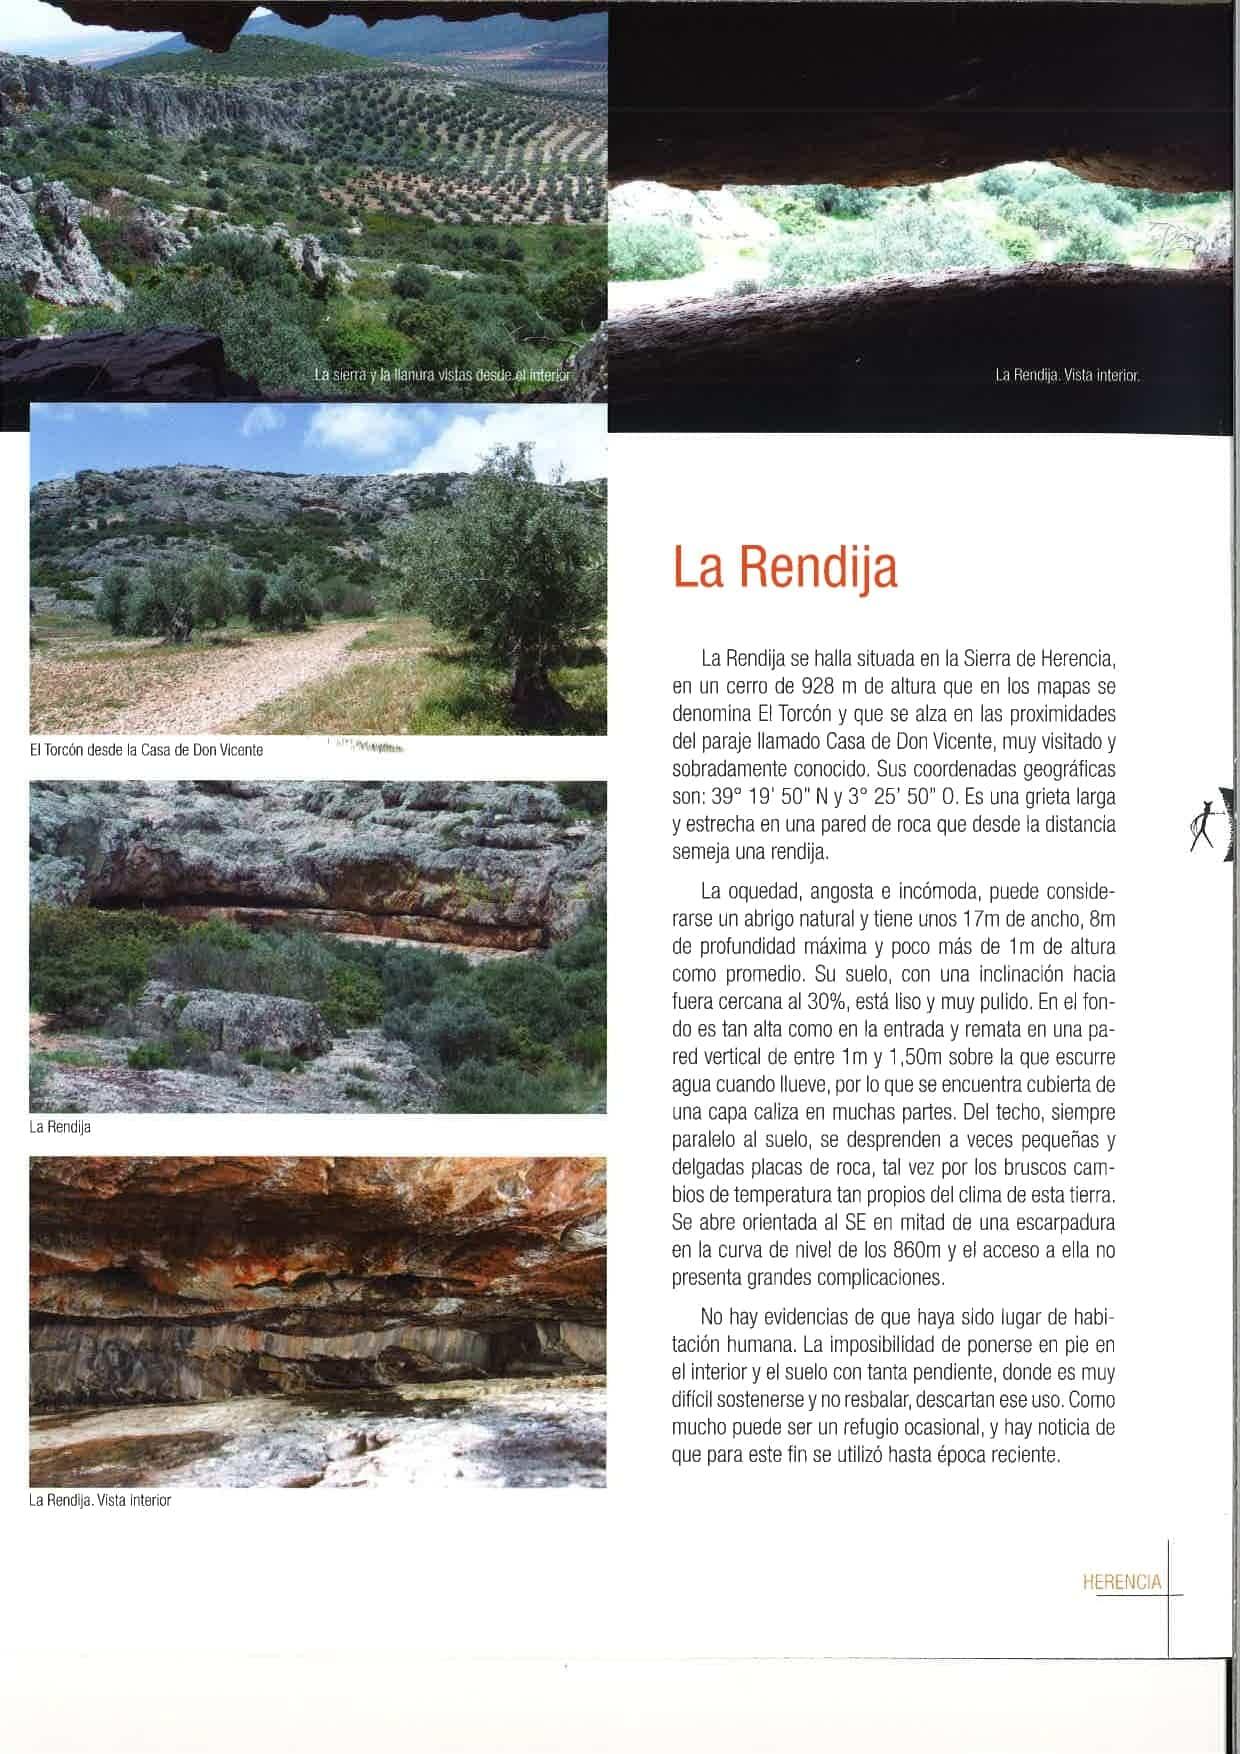 """Herencia celebró el Día Europeo del Arte Rupestre con """"La Rendija"""" 53"""